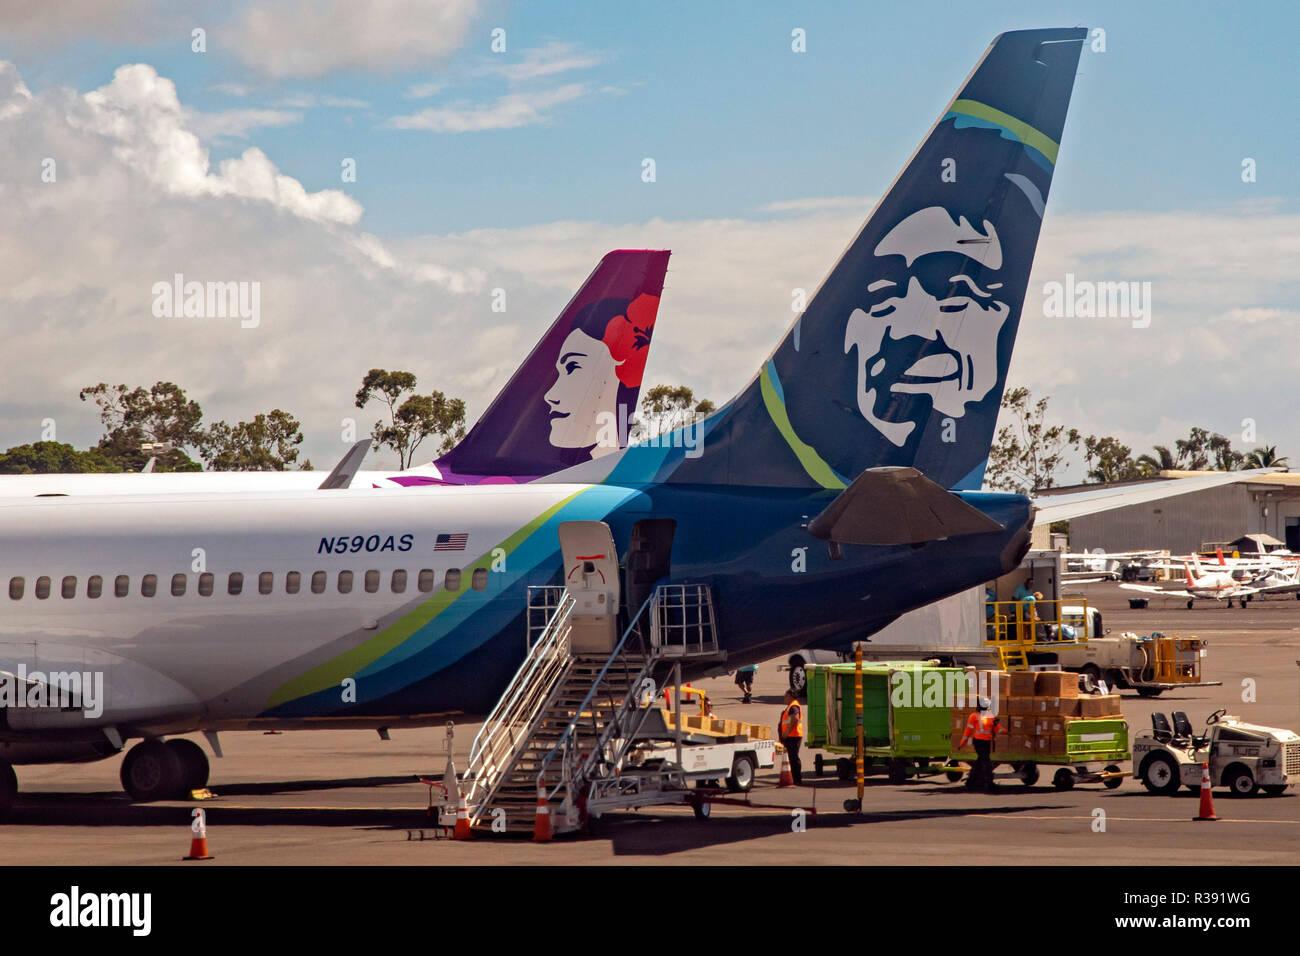 Kailua-Kona, Hawai, Alaska Airlines y Hawaiian Airlines aviones jet en el aeropuerto internacional de Kona en la Gran Isla de Hawaii. Foto de stock